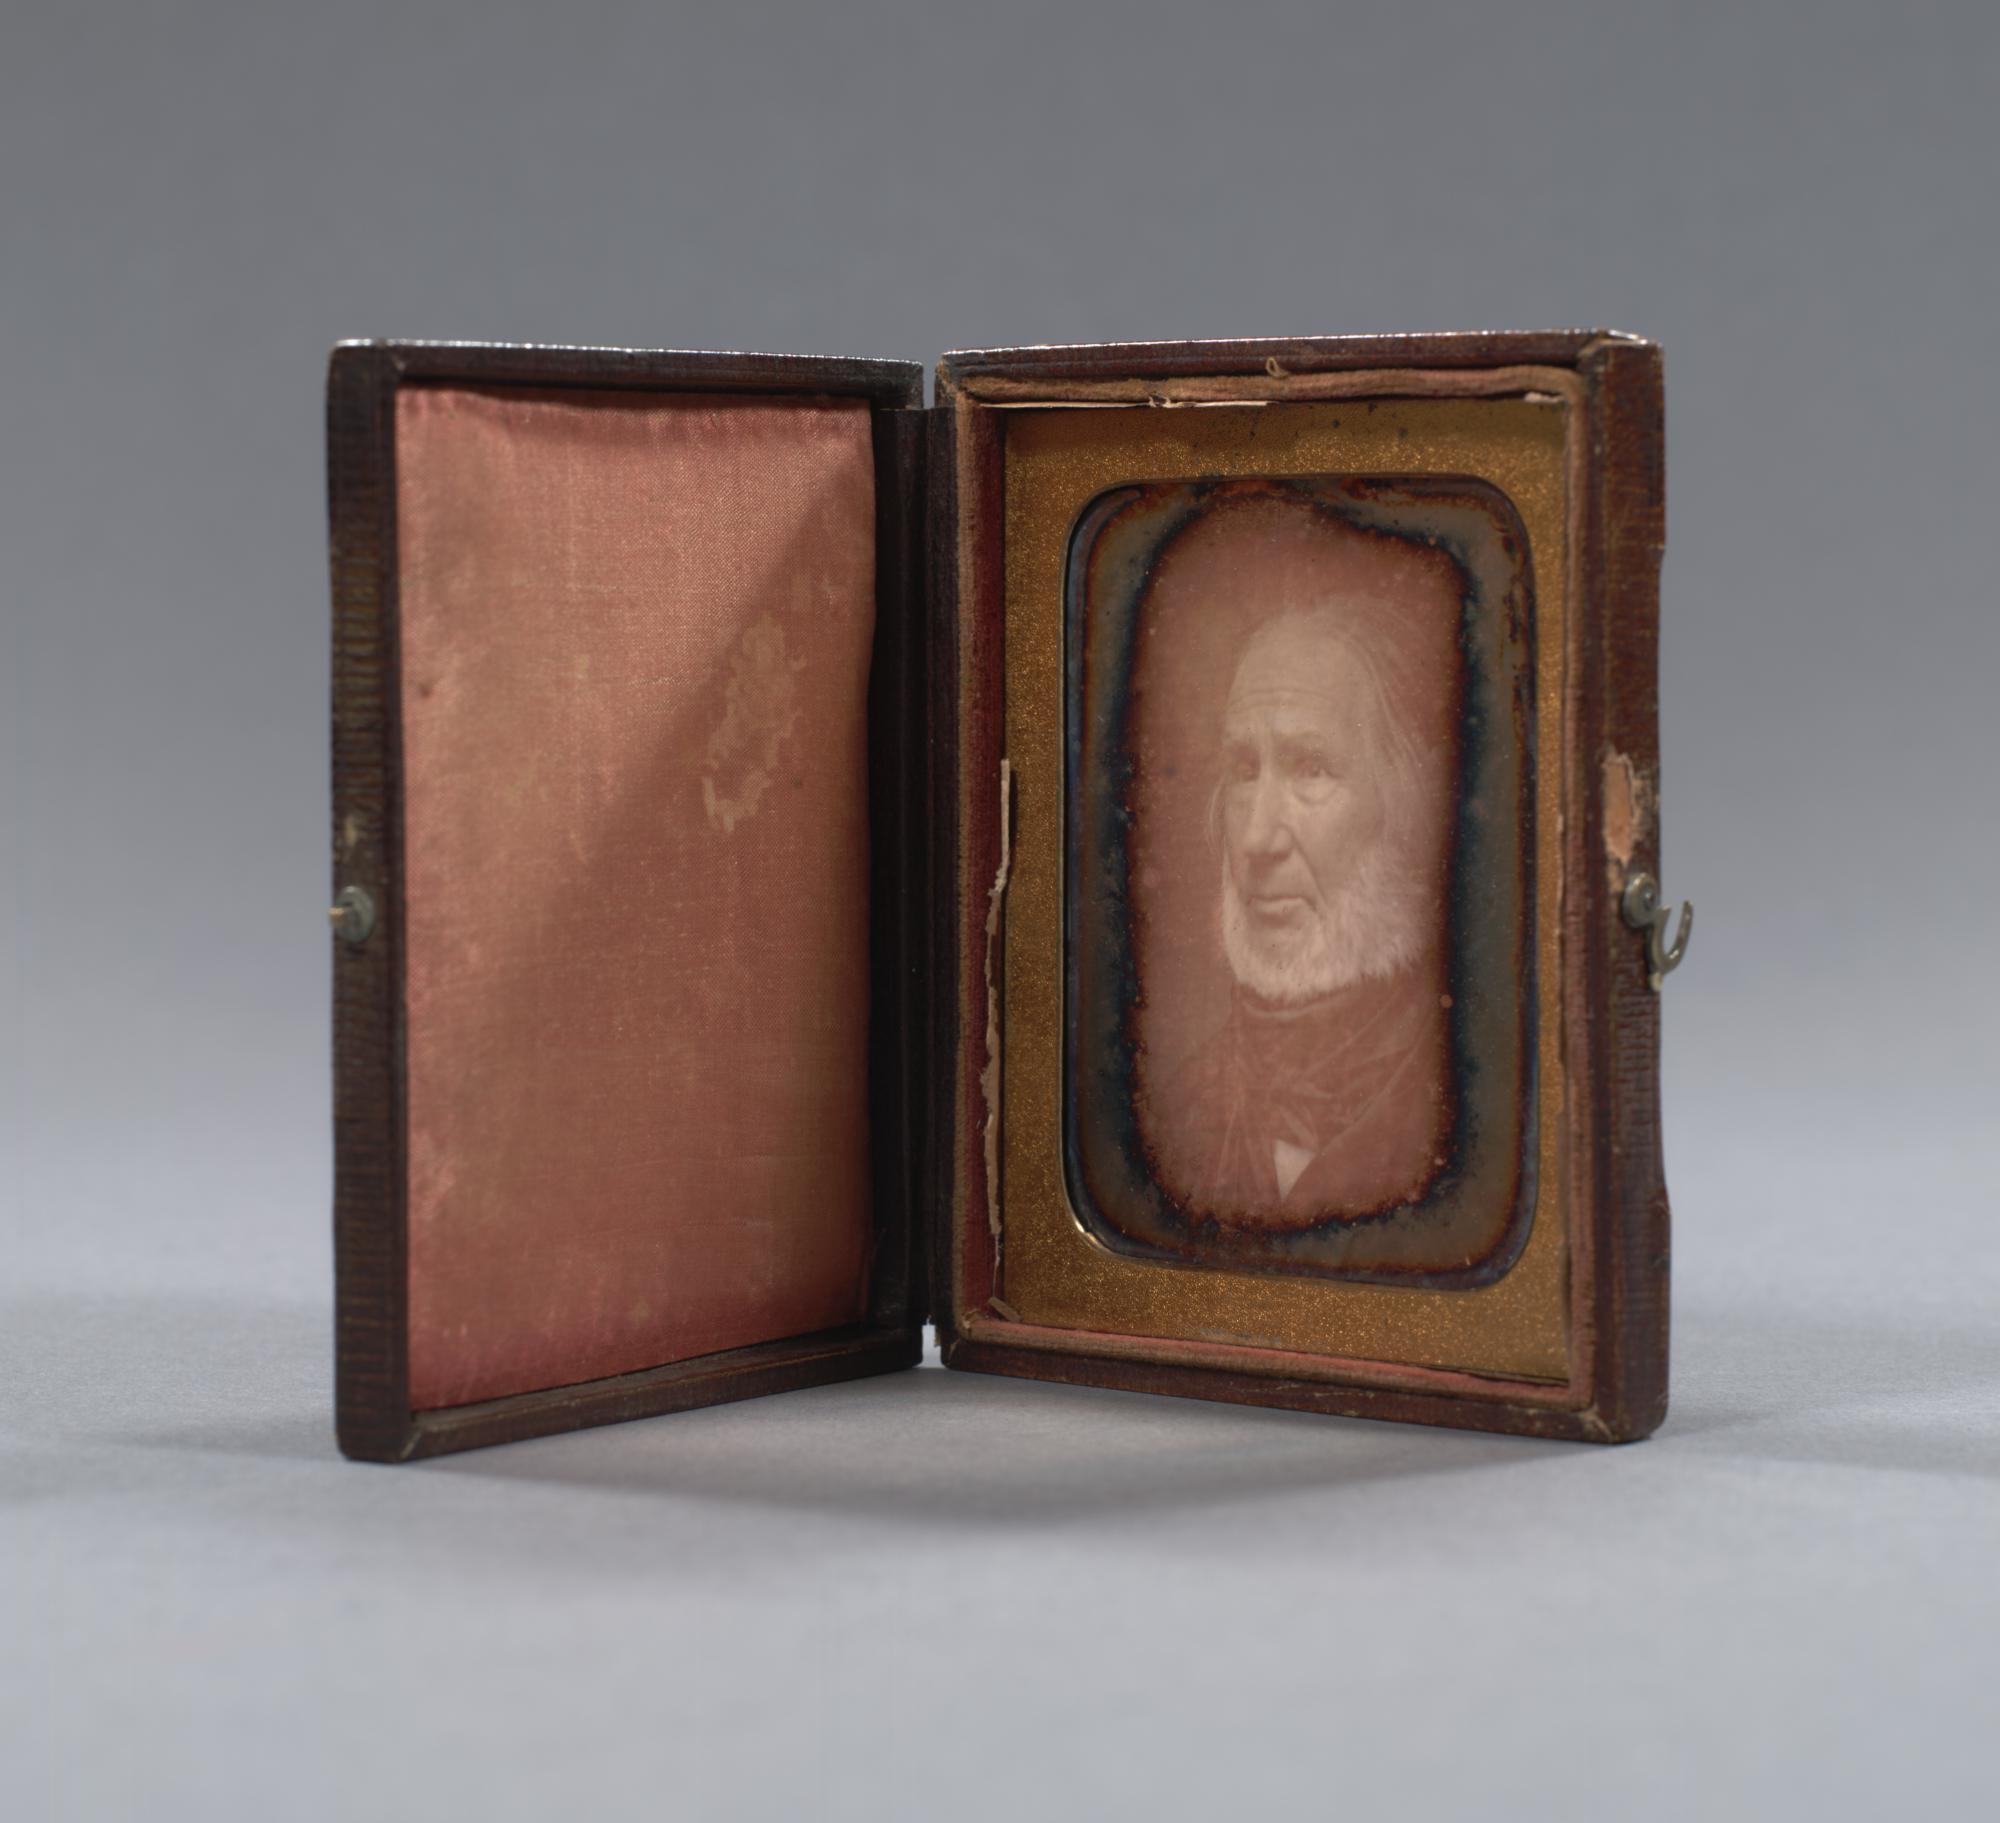 Daguerreotype portrait of Alexander Anderson